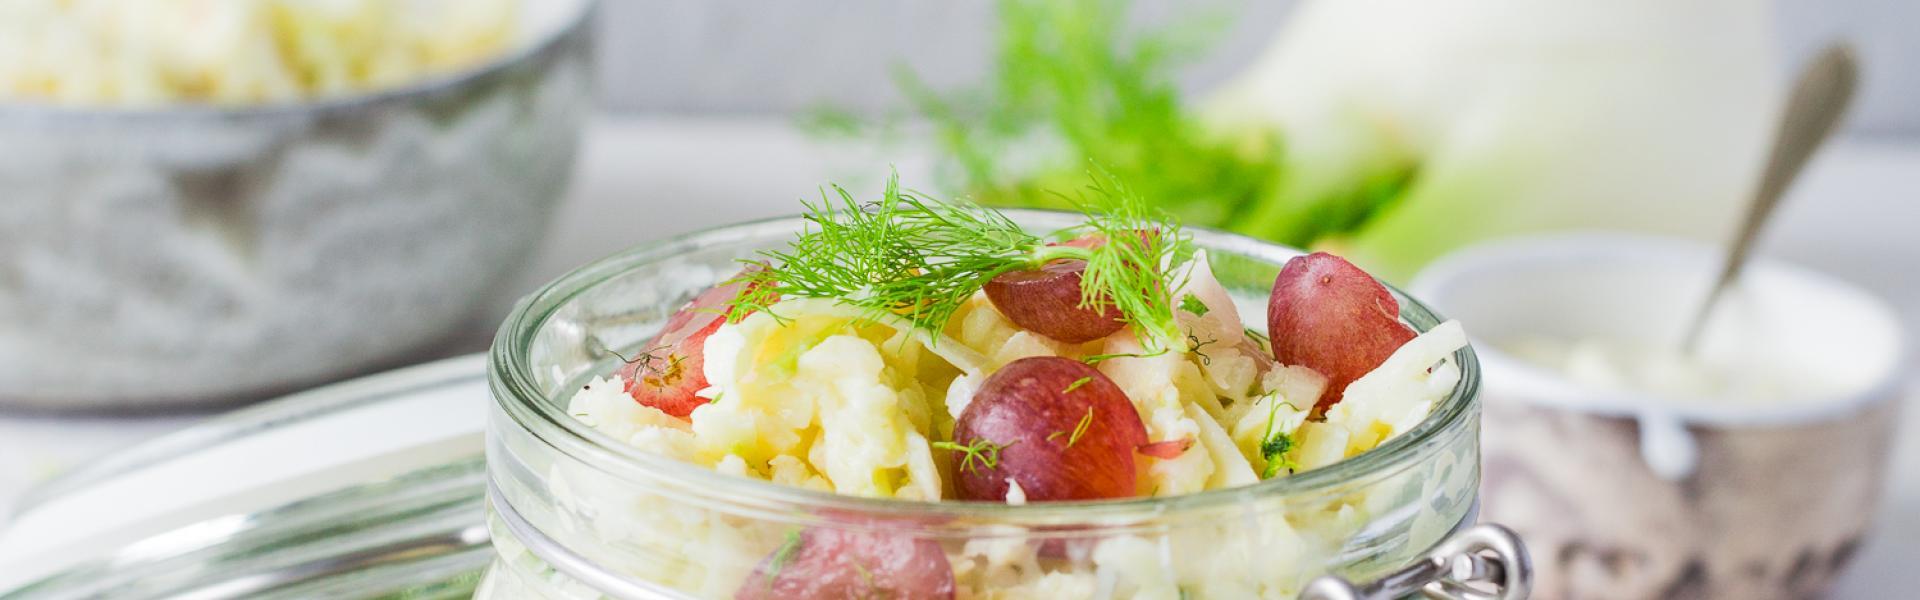 Fenchelsalat mit Apfel in einem Bügelglas mit Trauben angerichtet.